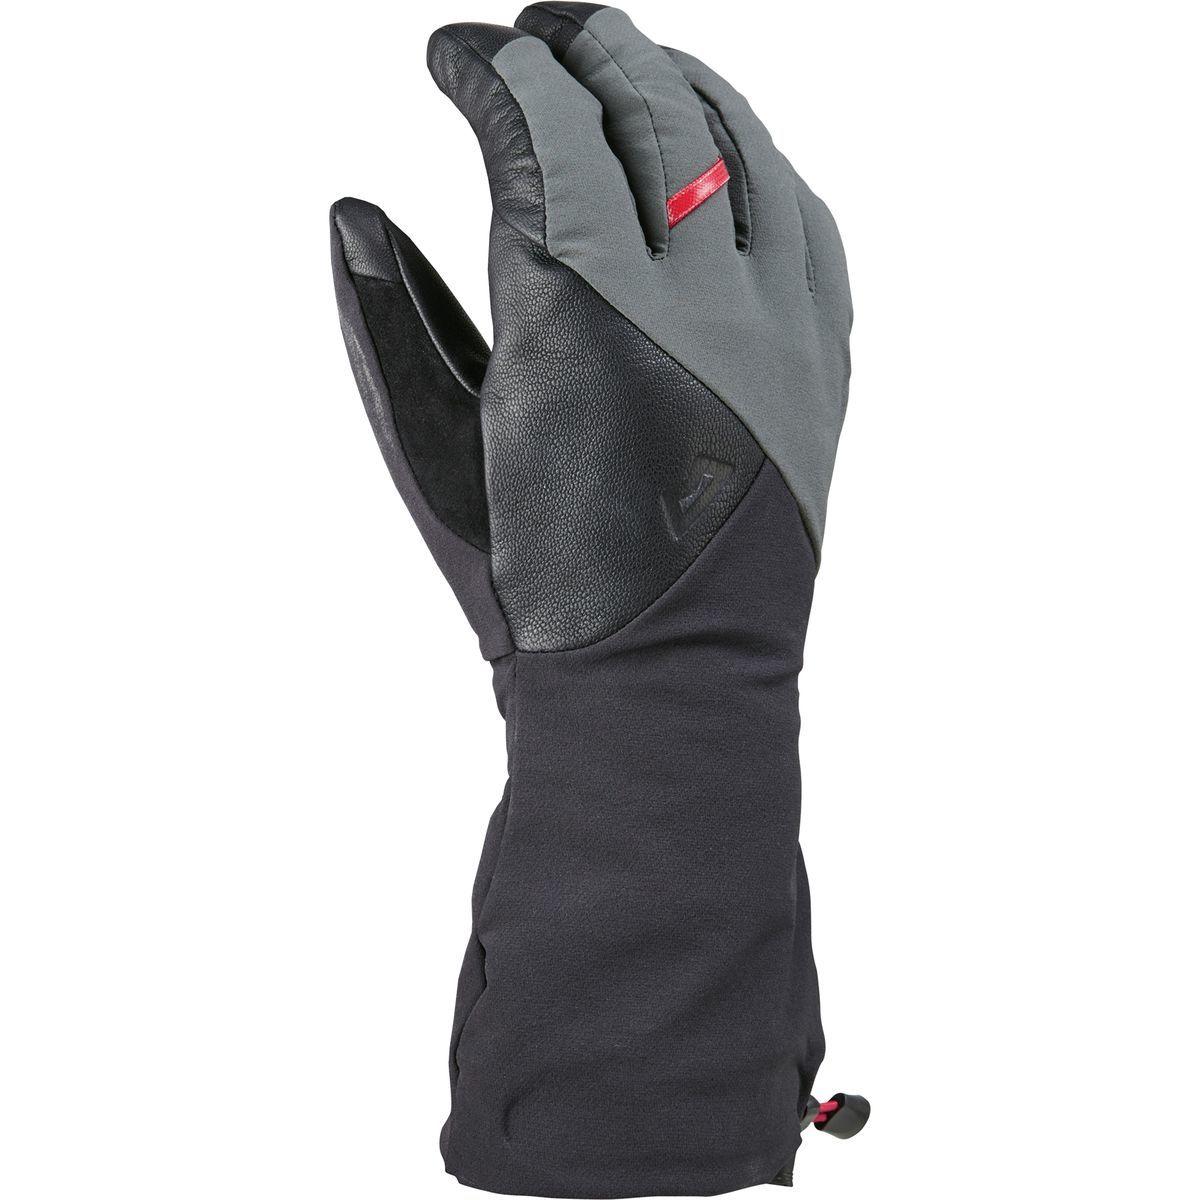 Mountain Equipment Randonee Gauntlet Glove - Men's